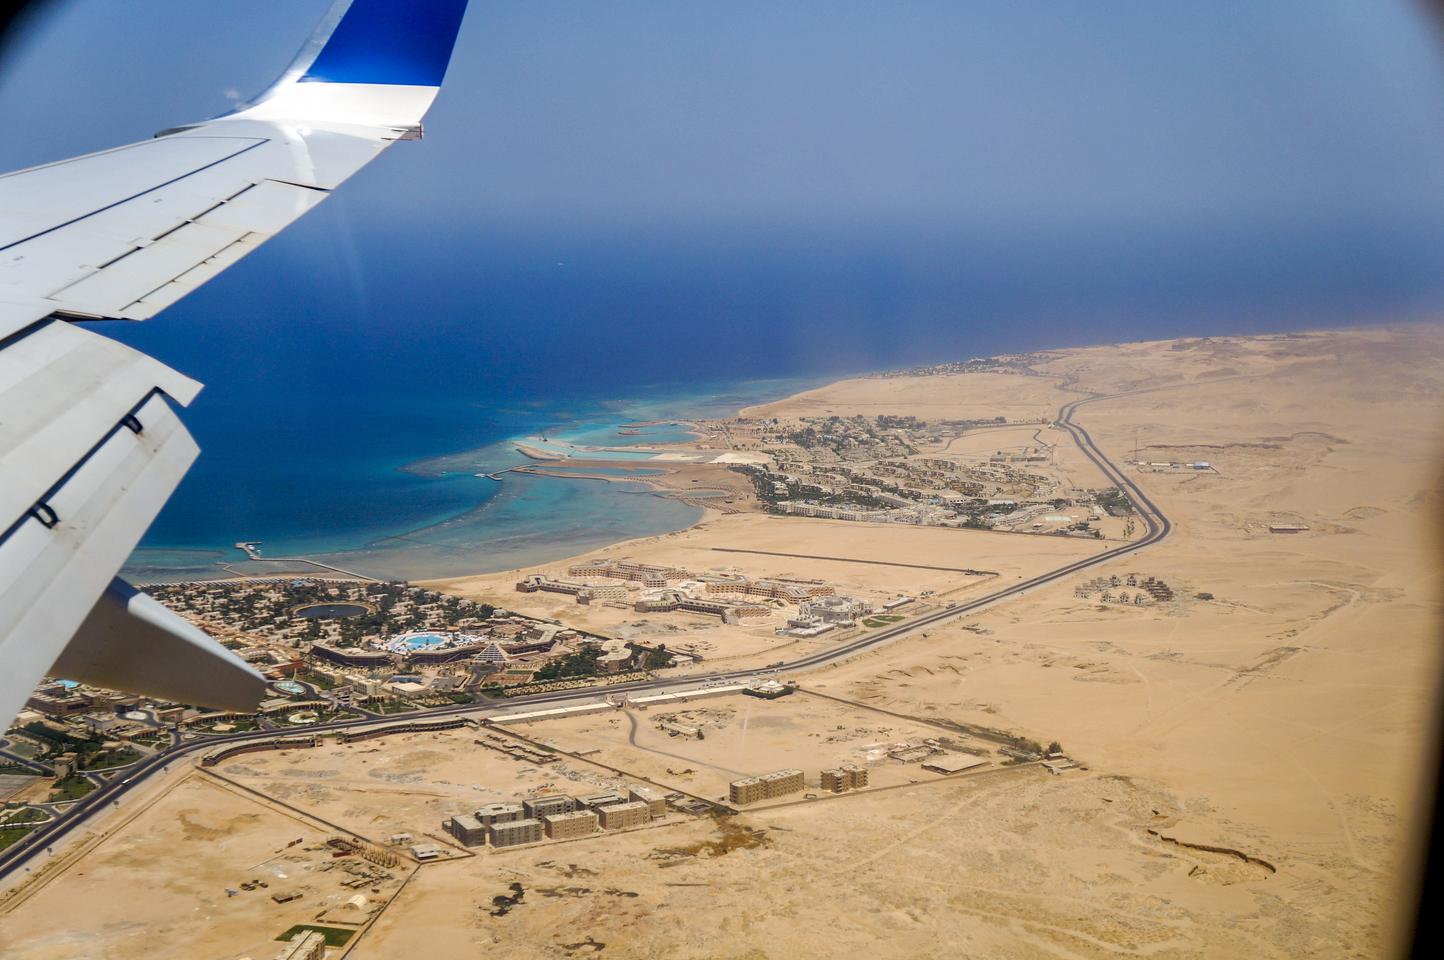 Отзыв об отеле al nabila grand 5 в египте